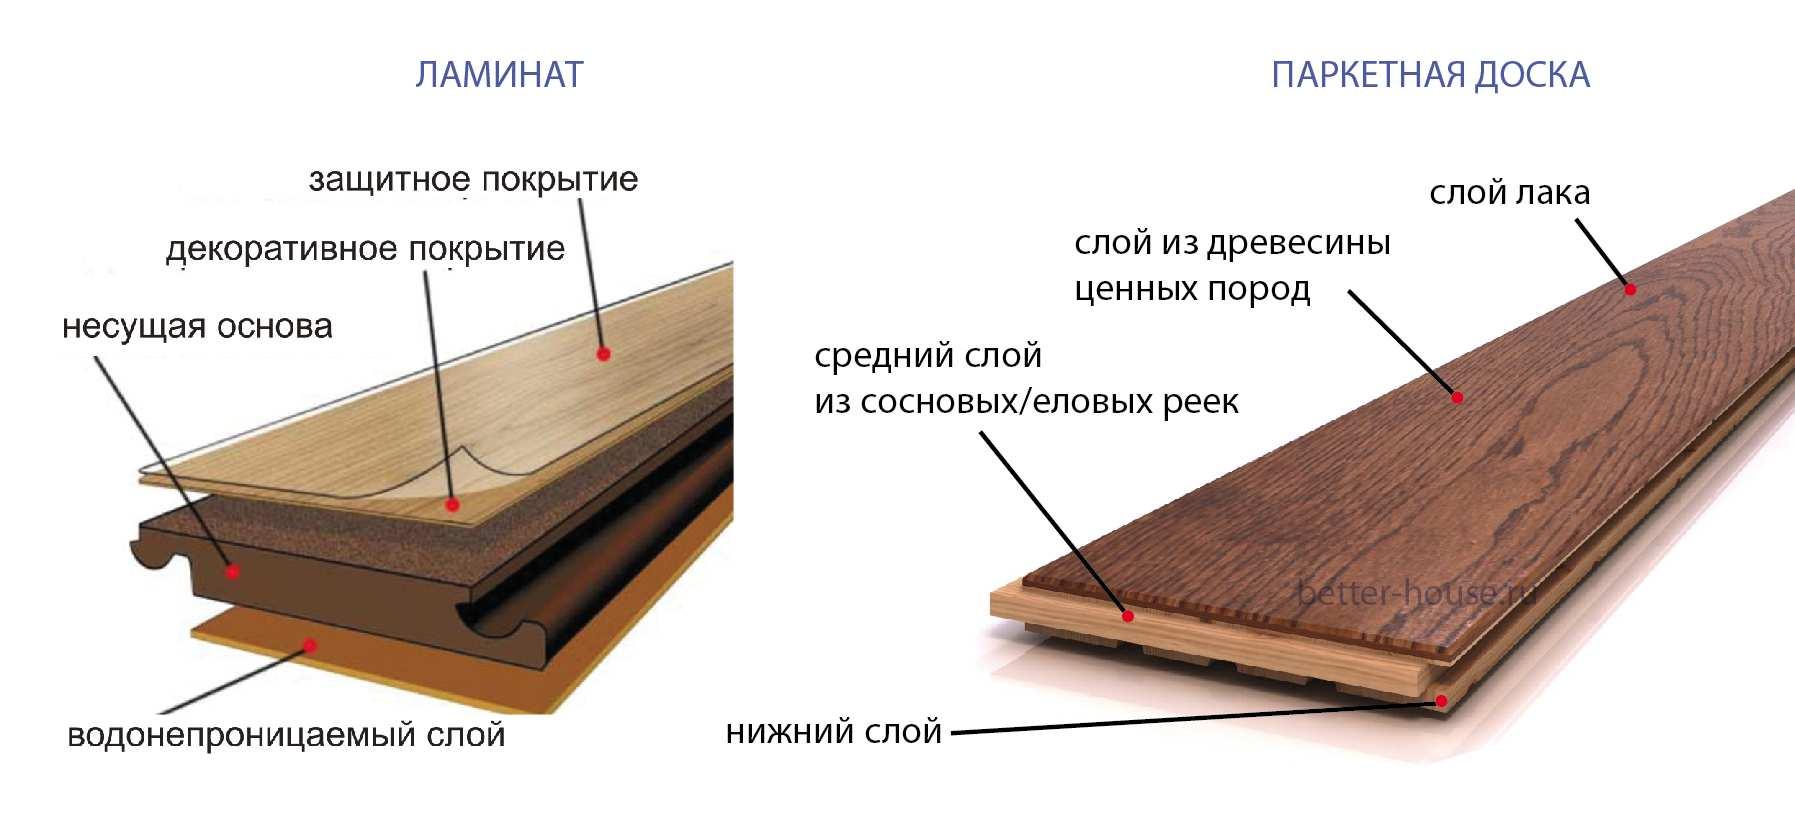 Ламинат плюсы и минусы: сравниваем покрытие пола дорогим и дешевым ламинатом по отзывам